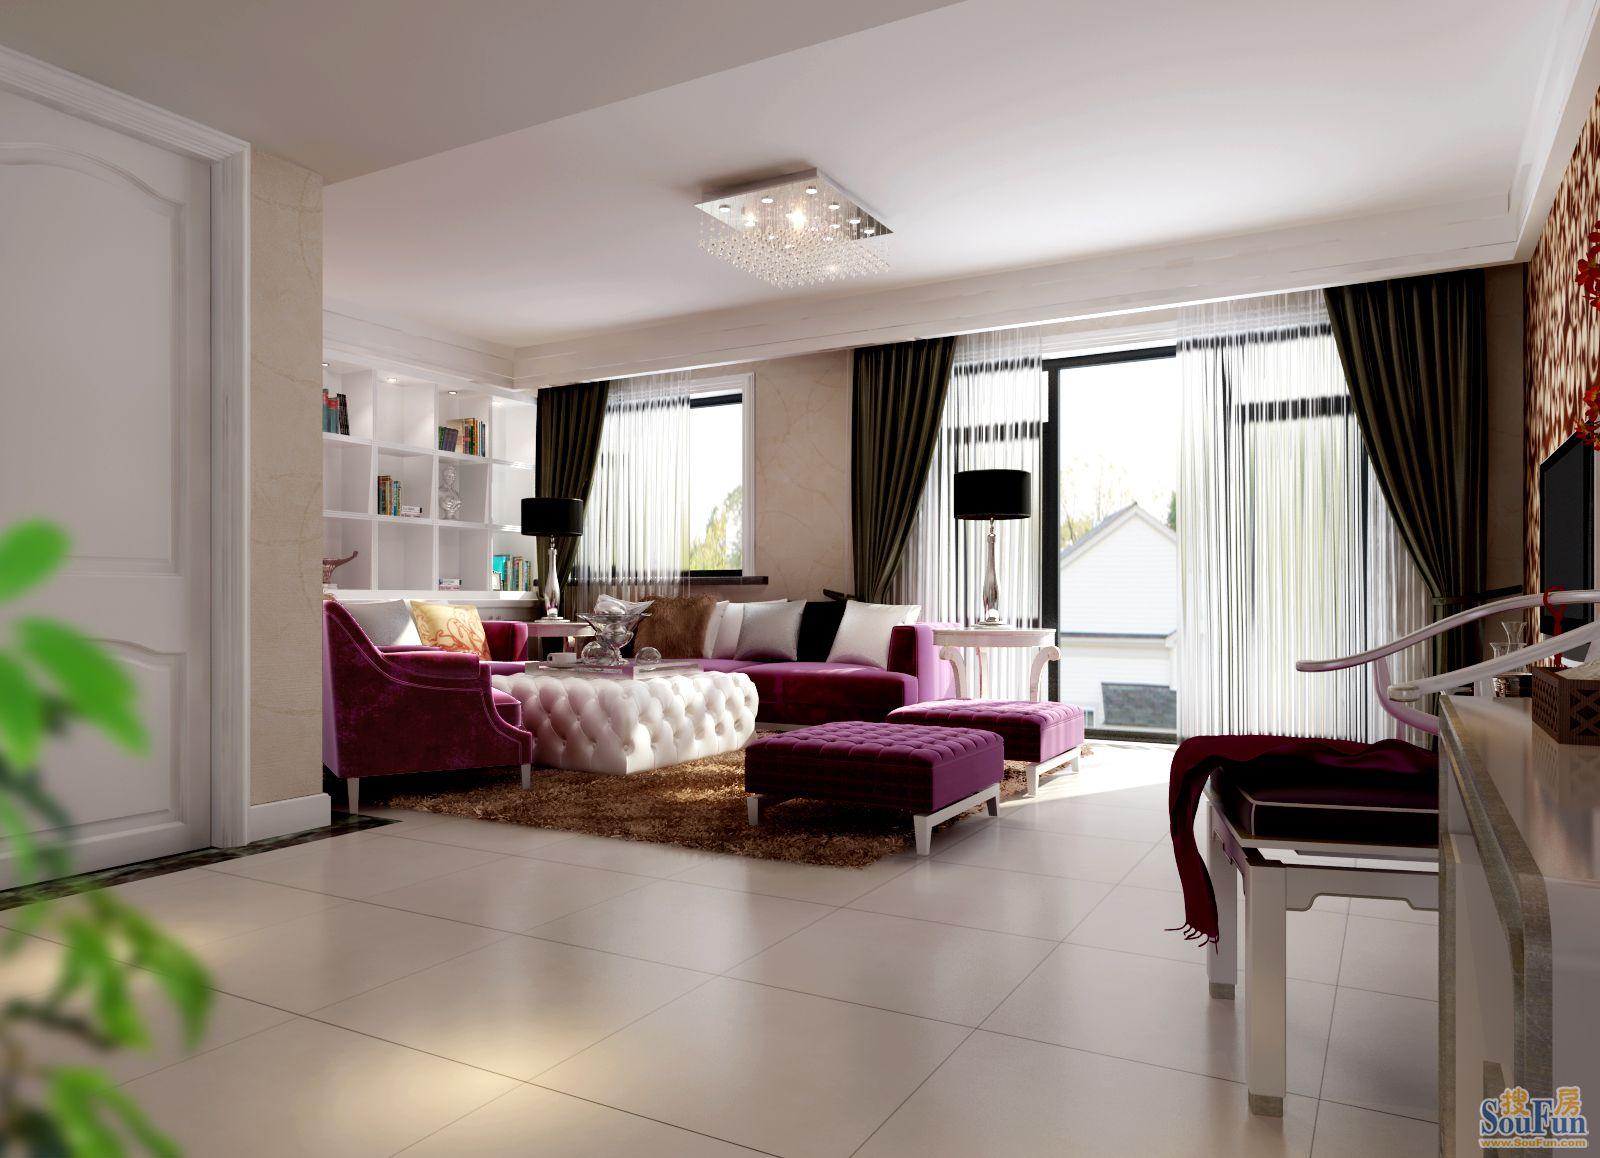 国际-四居室-160㎡-客厅装修效果图-160平4室2厅 现代简约风格装修高清图片